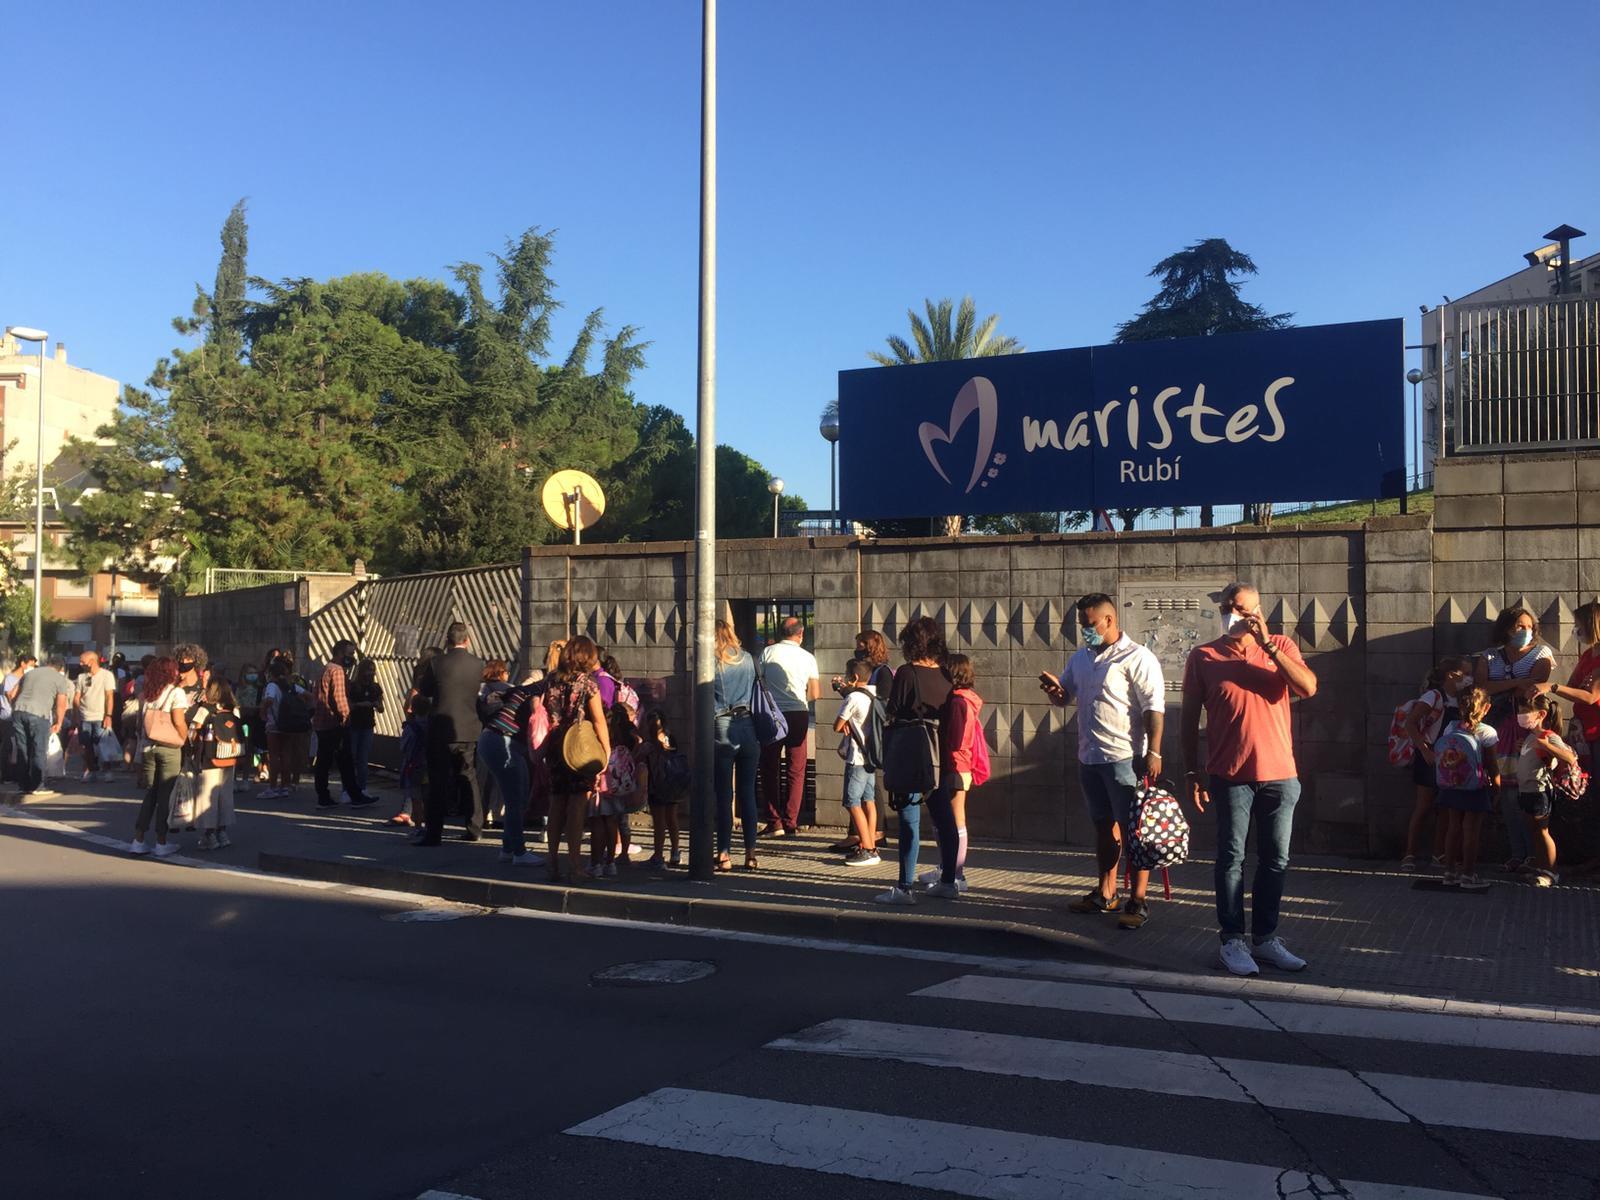 L'Escola Maristes de Rubí el dilluns 14 de setembre. FOTO: Andrea Martínez